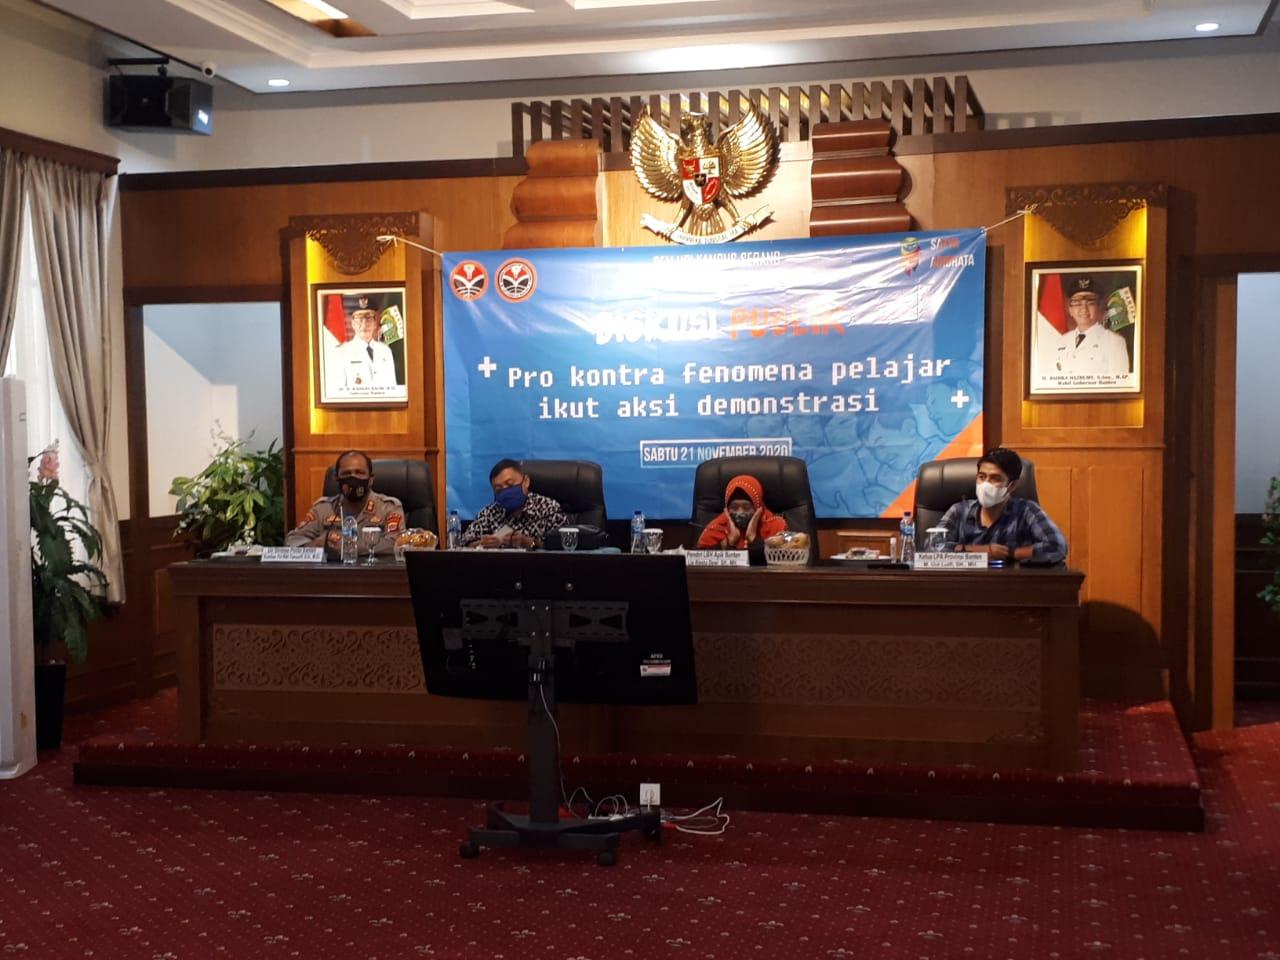 Polda Banten Ajak Mahasiswa Untuk Patuhi Hukum dan Prokes Saat gelar Aksi